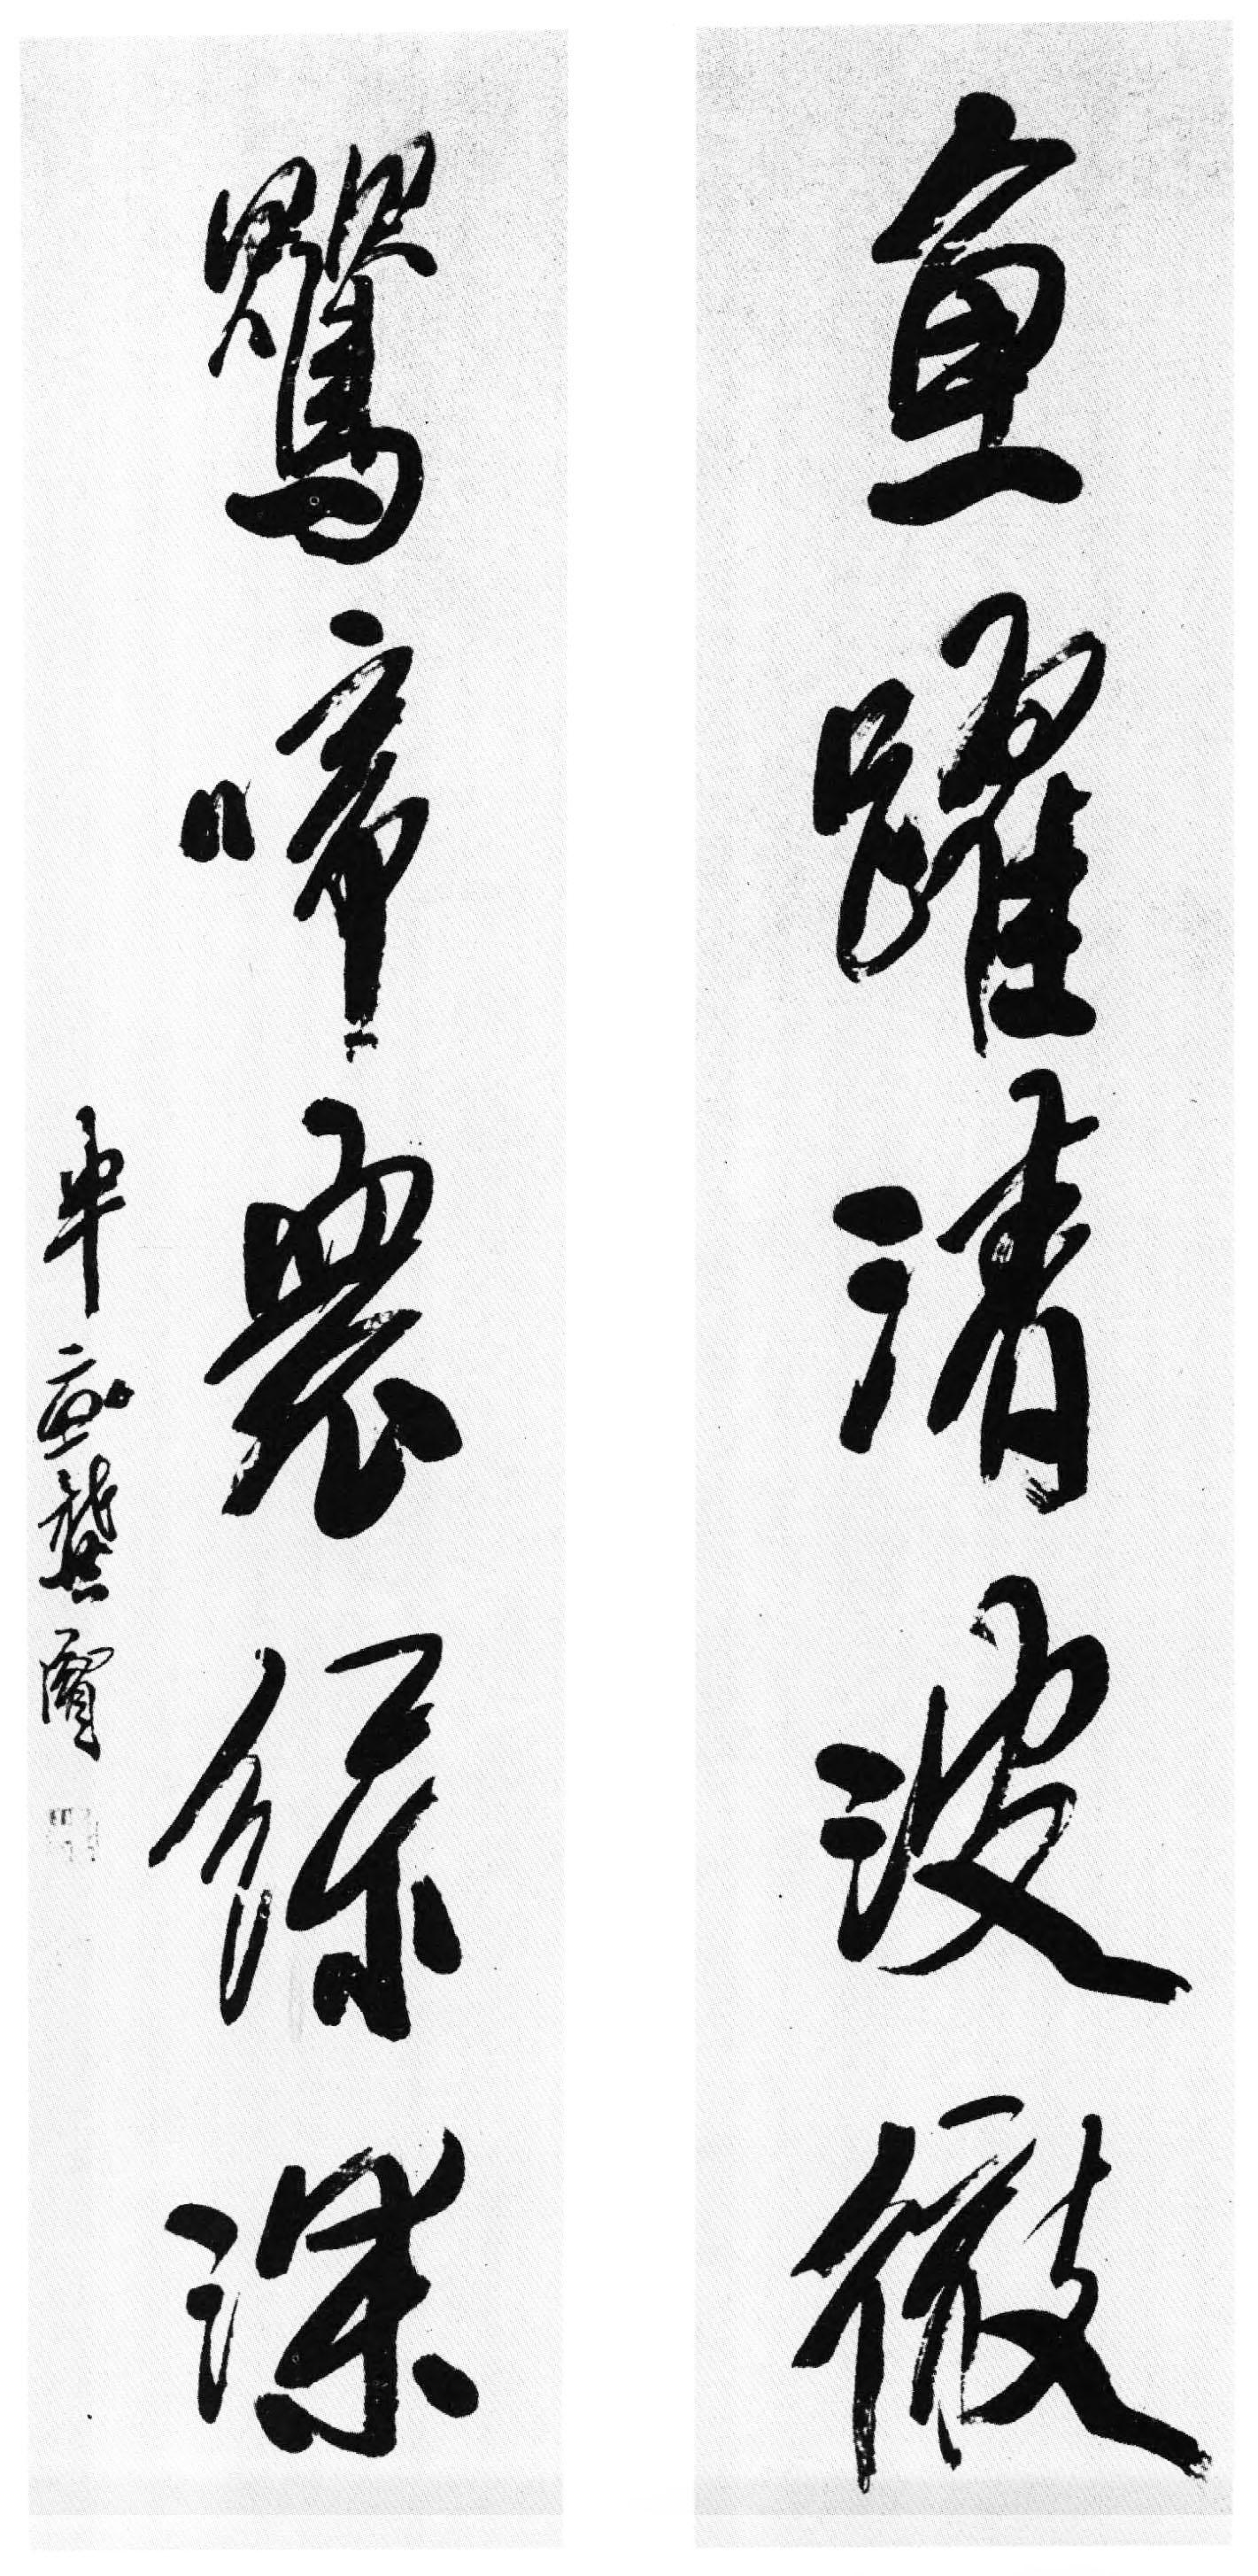 龚贤行书《鱼跃莺啼五言联》纸本行书 清代书法 超高清.jpg